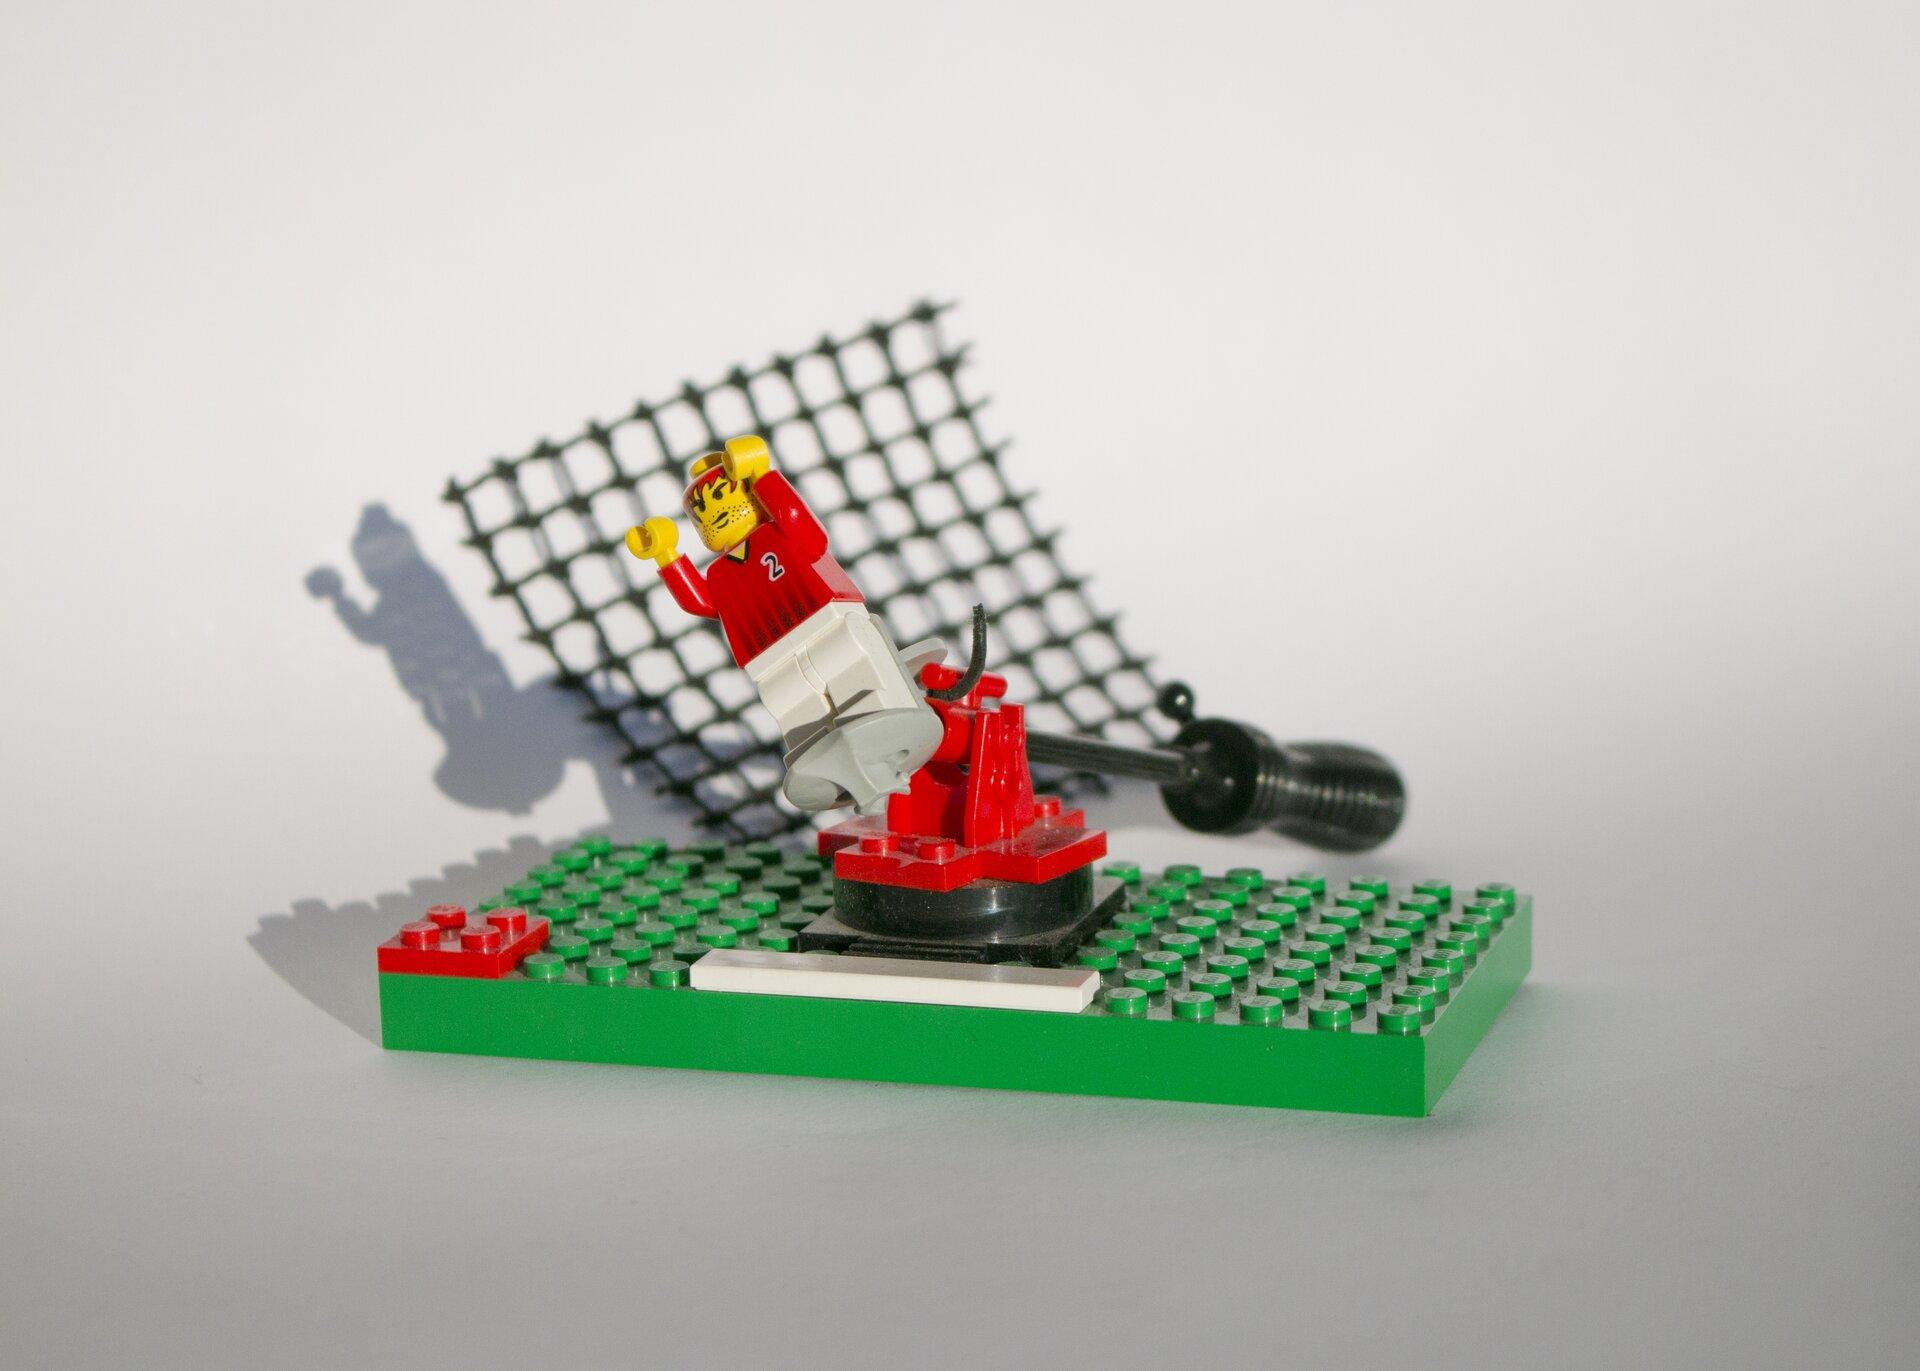 """Ilustracja przedstawia fotografię """"Lego"""". Wcentrum zdjęcia znajduje się duża, zielona platforma, do której przymocowane są klocki oraz biało-czerwono-żółty ludzik. Wtle znajduje się czarny śrubokręt iczarna, plastikowa siatka. Całość umieszczona jest na biało-szarym tle."""